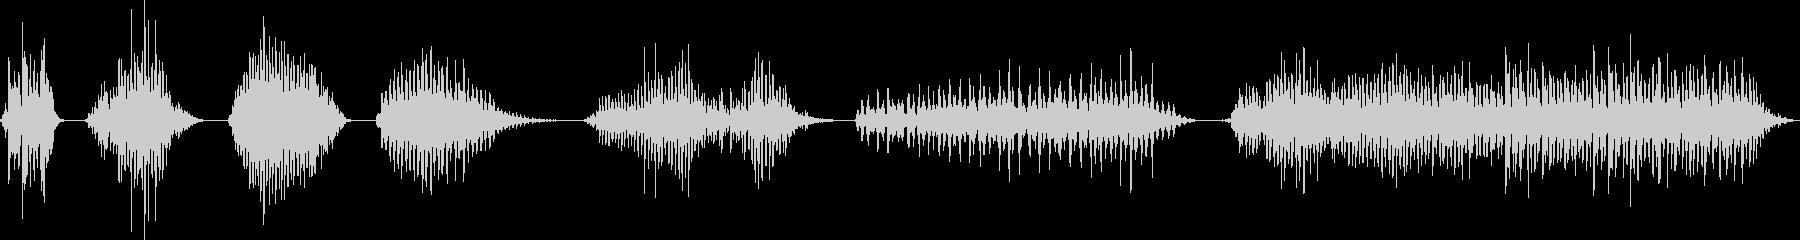 メタル、ゴング、リッド、スピン、ロ...の未再生の波形